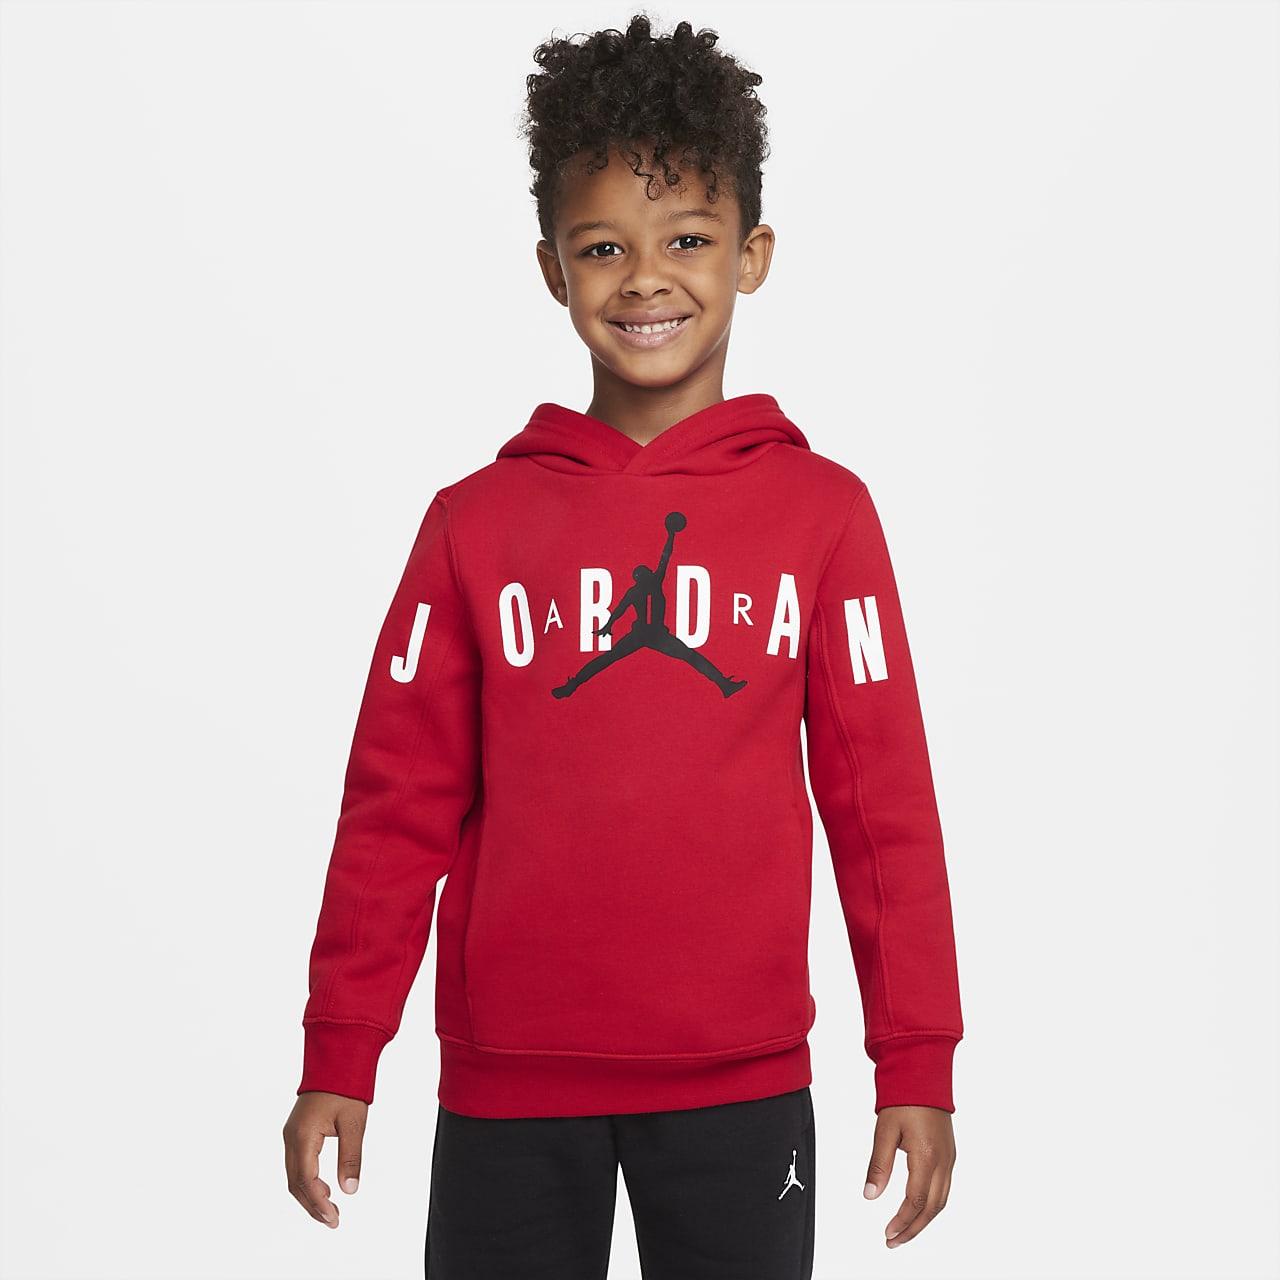 Air Jordan Flight 幼童套头连帽衫